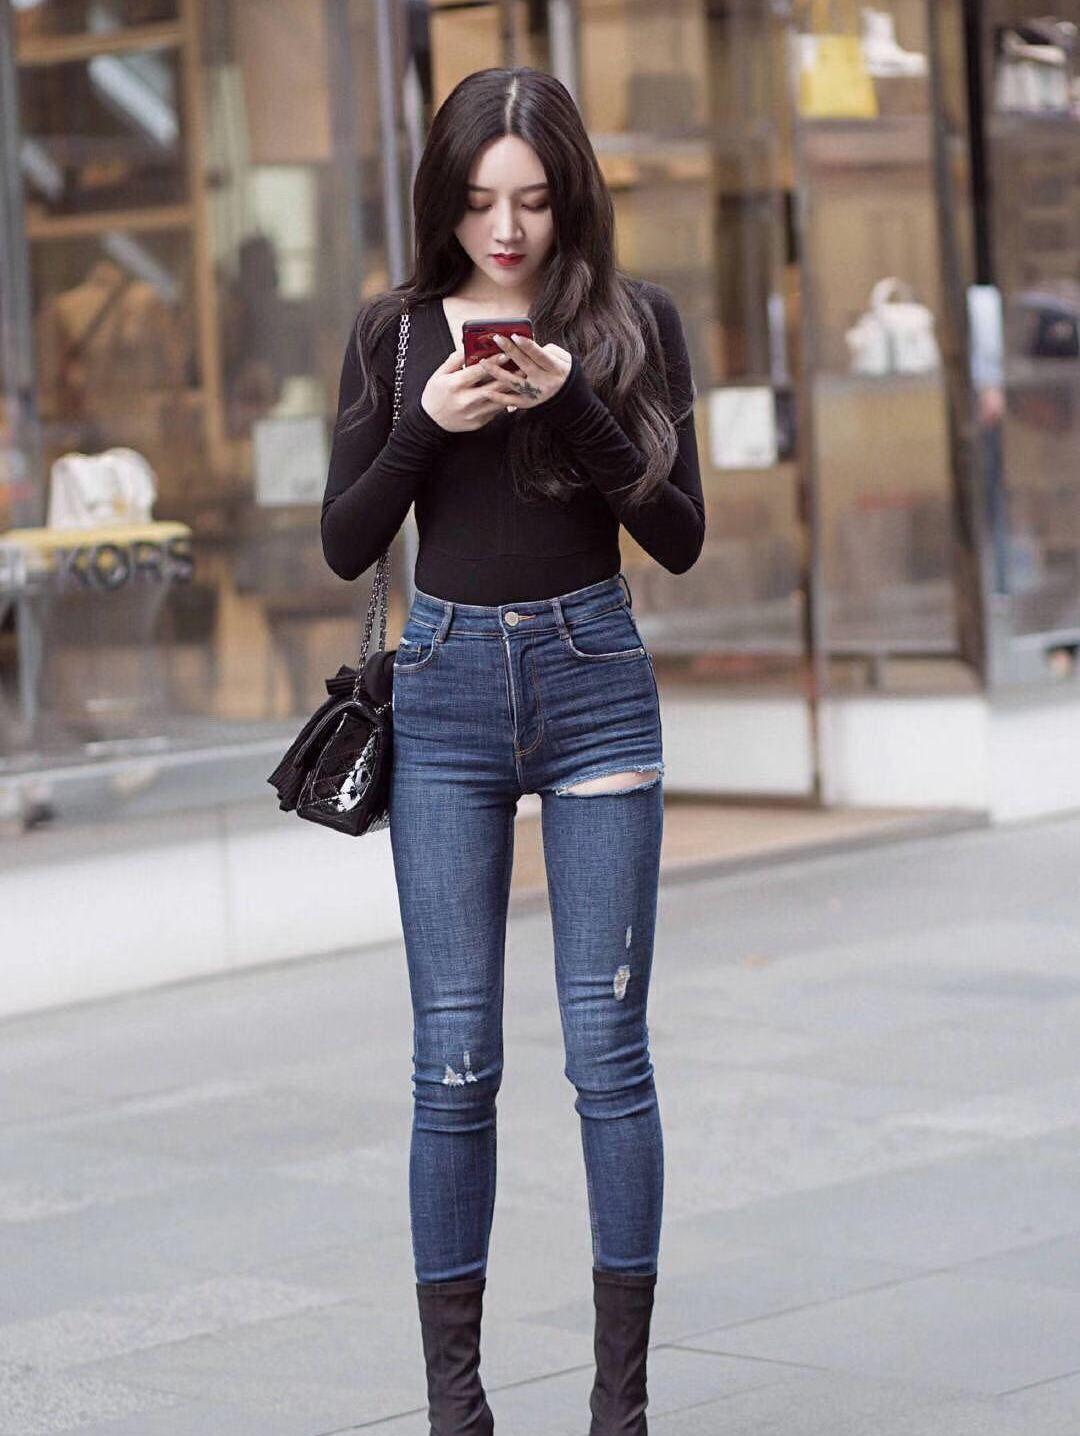 街拍,小姐姐黑色紧身上衣搭配牛仔裤,短靴凸显利落帅气